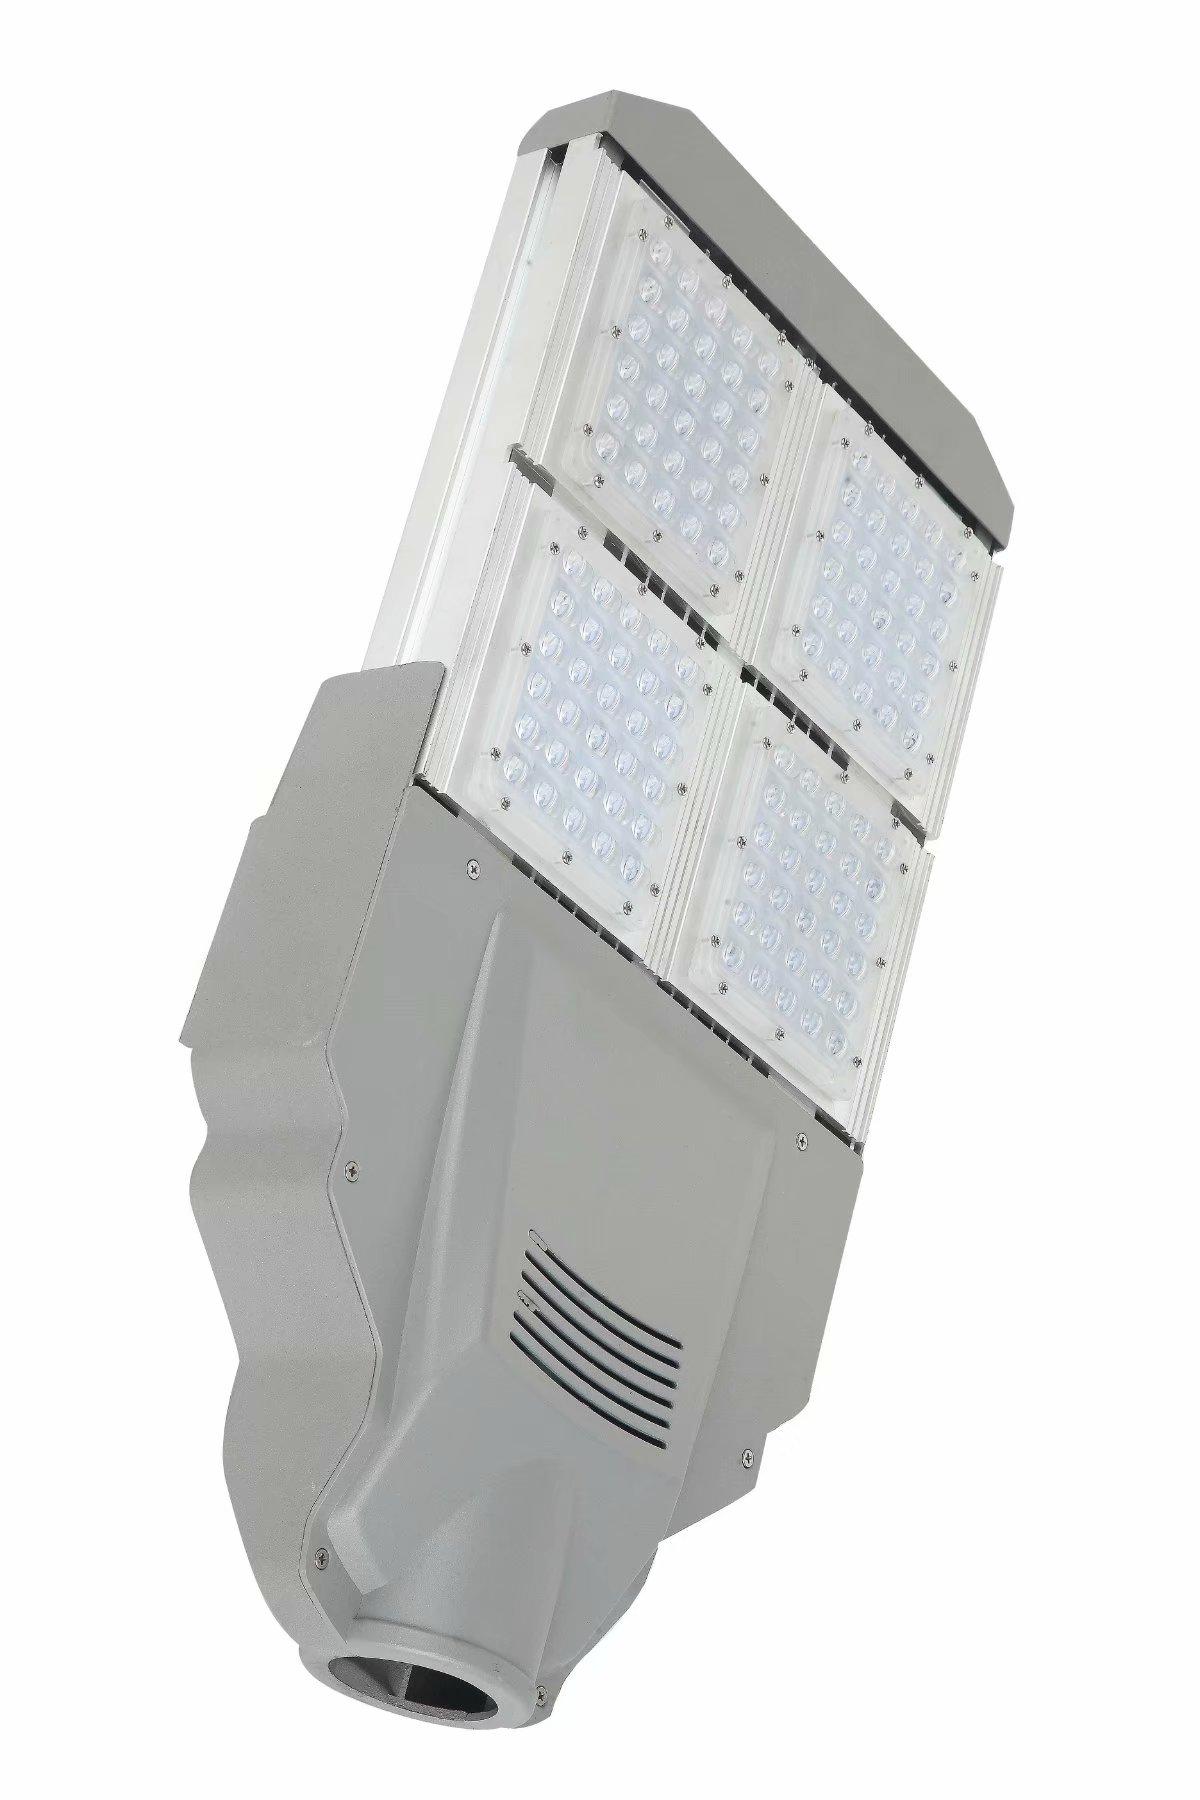 热销100w球场变形金刚路灯头 低耗高效太阳能球场灯 体育场照明工程专用路灯头